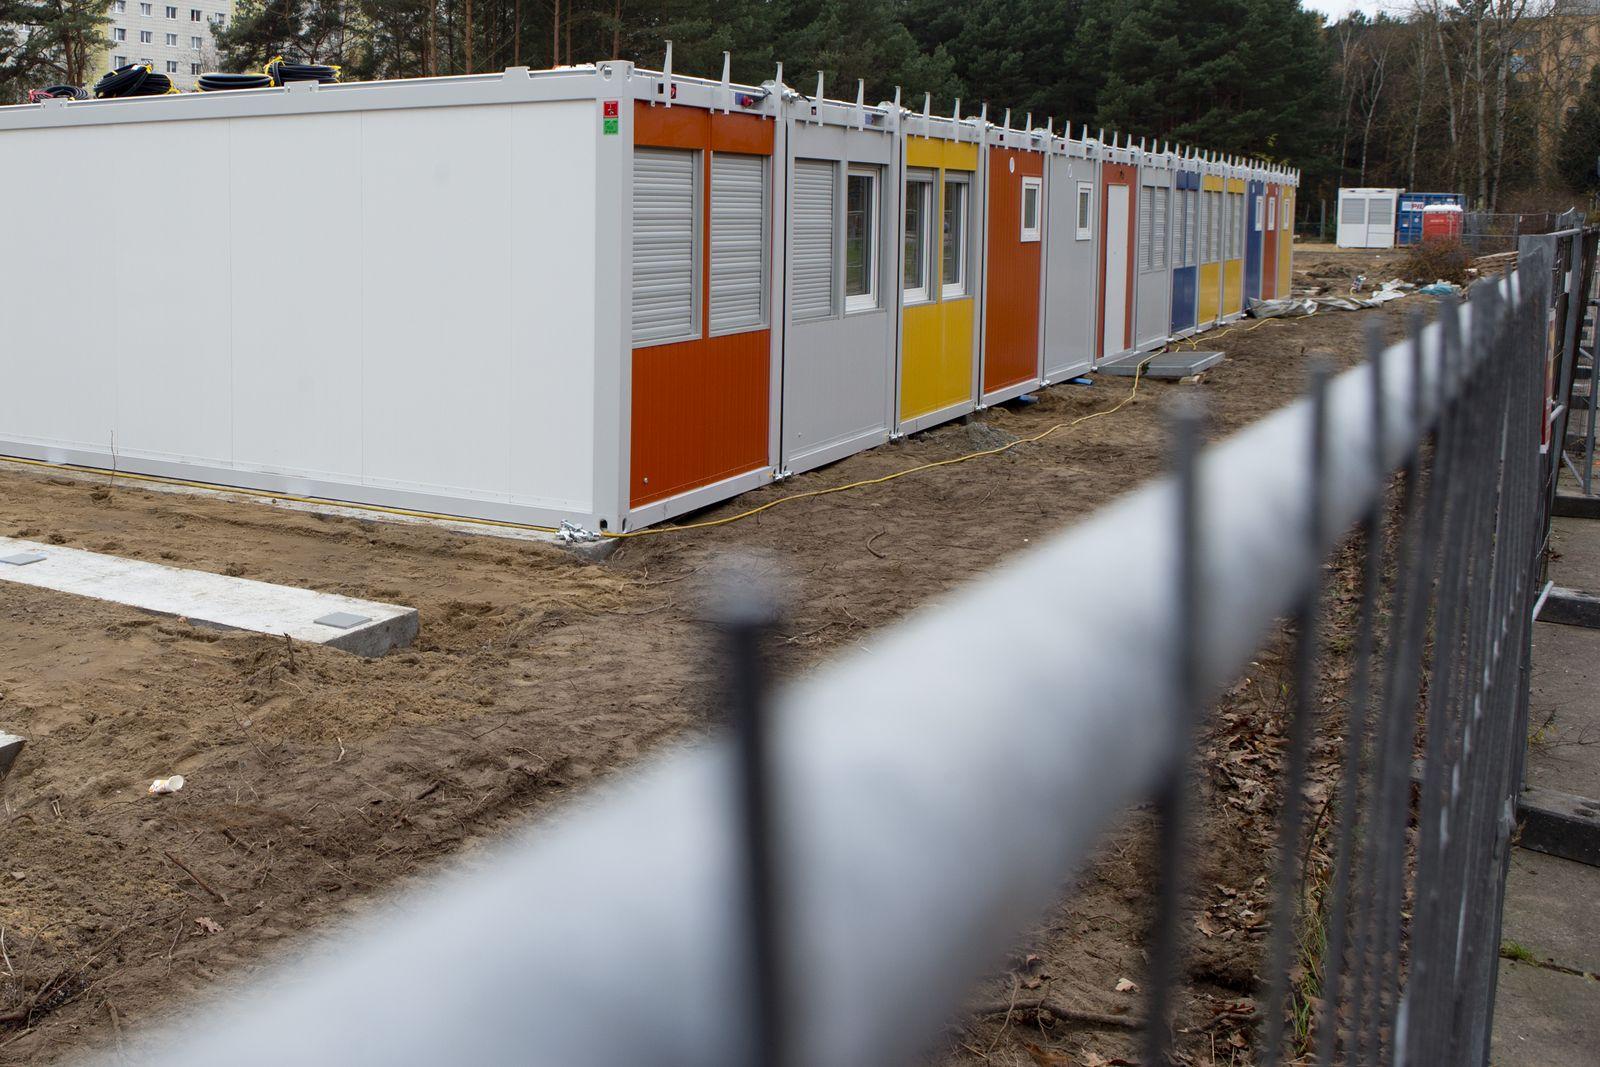 Flüchtlinge/ Unterkunft